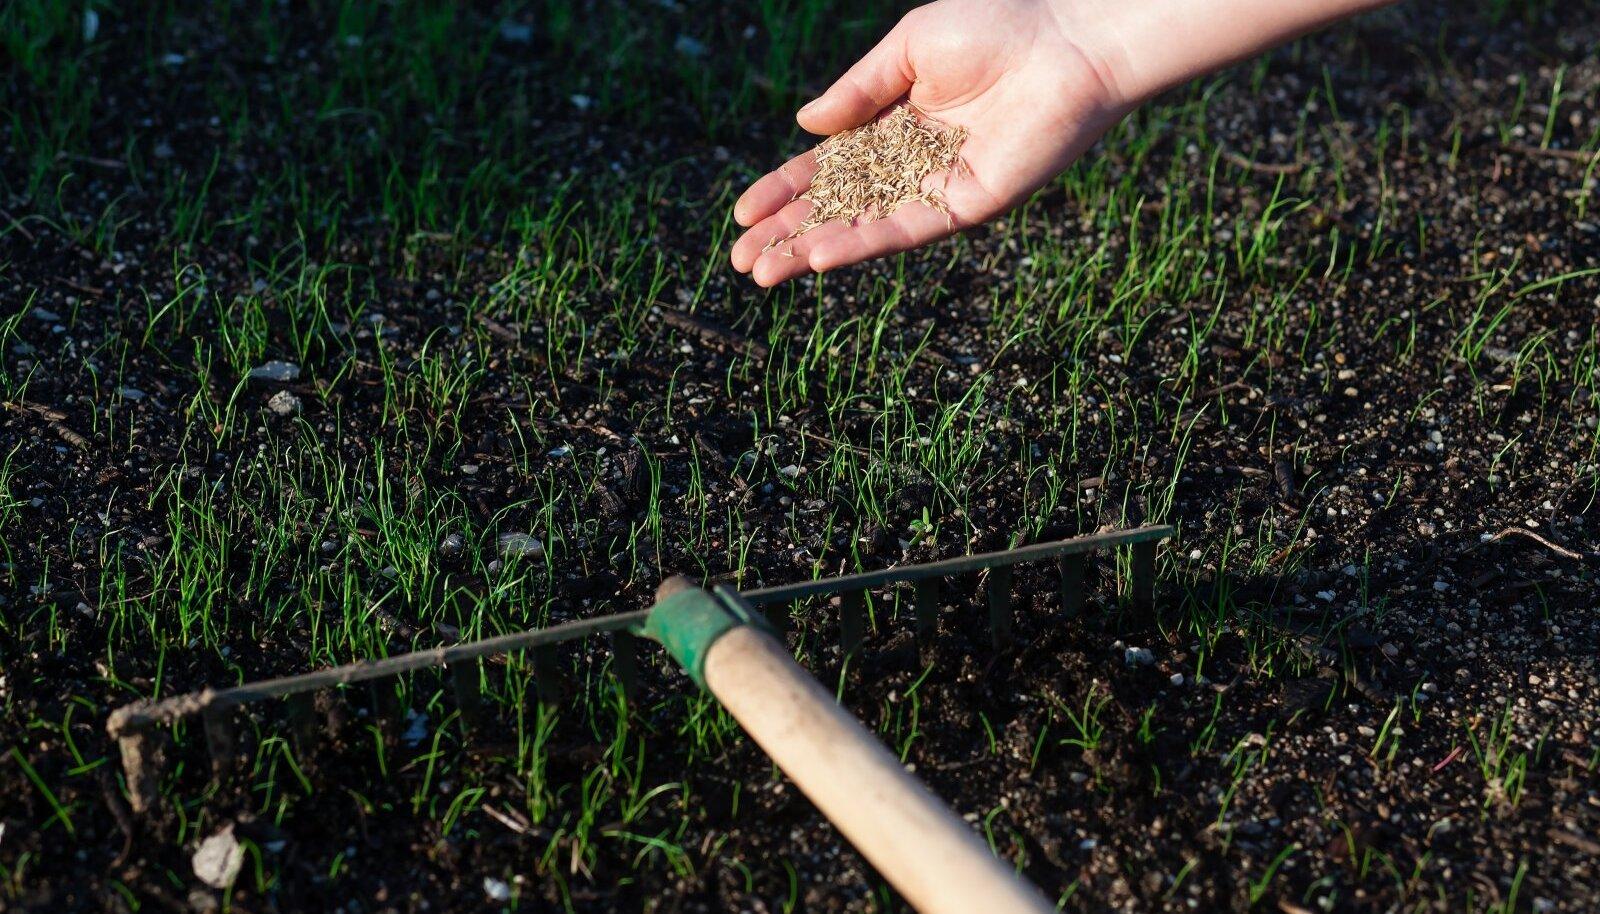 Et külv saaks ühtlasem ja kõik seemned mulda, siluge külv rehaga üle.